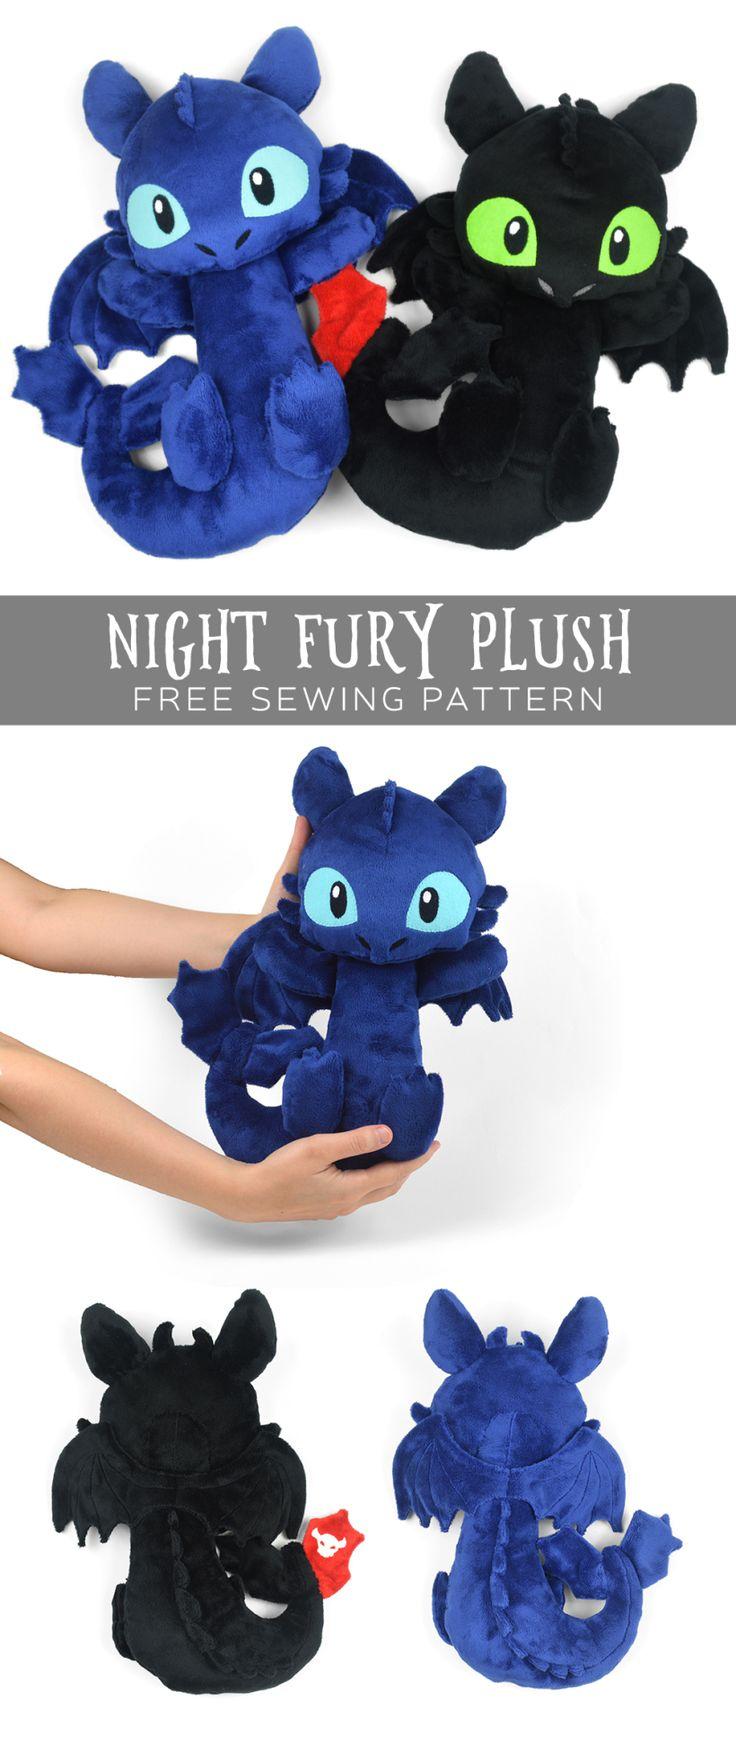 Free Pattern Friday! Night Fury Plush | Choly Knight cholyknight.com/…